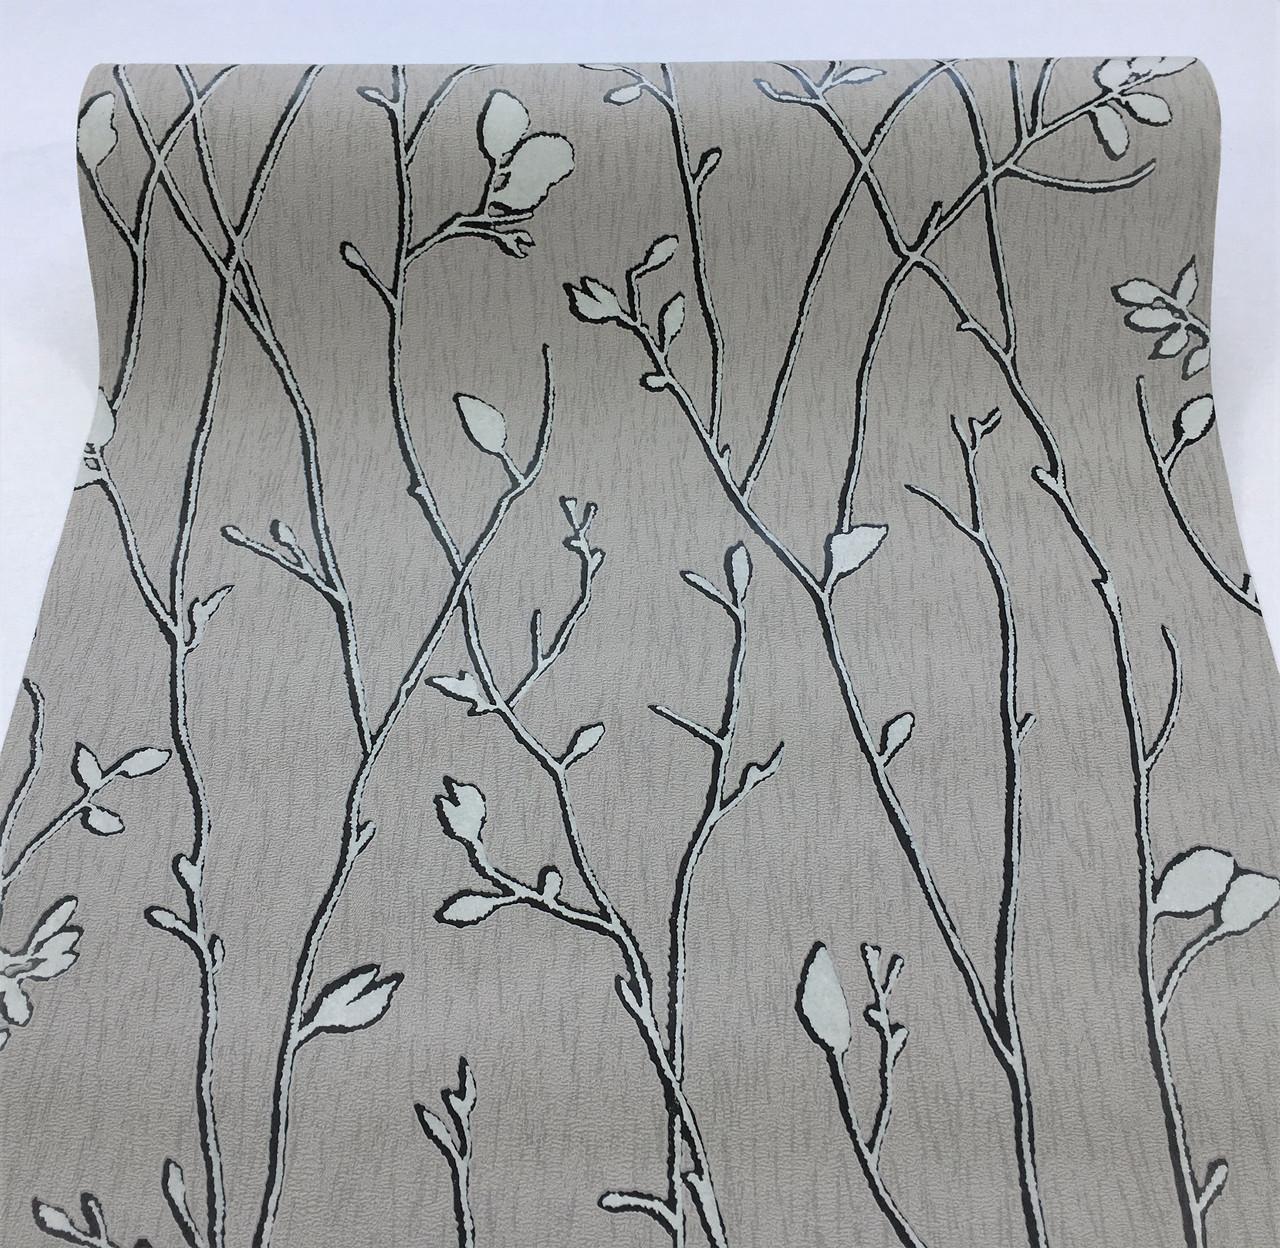 Сірі німецькі вінілові шпалери 294227, з візерунком листя і стебел рослин, тиснені під витонченого короїда